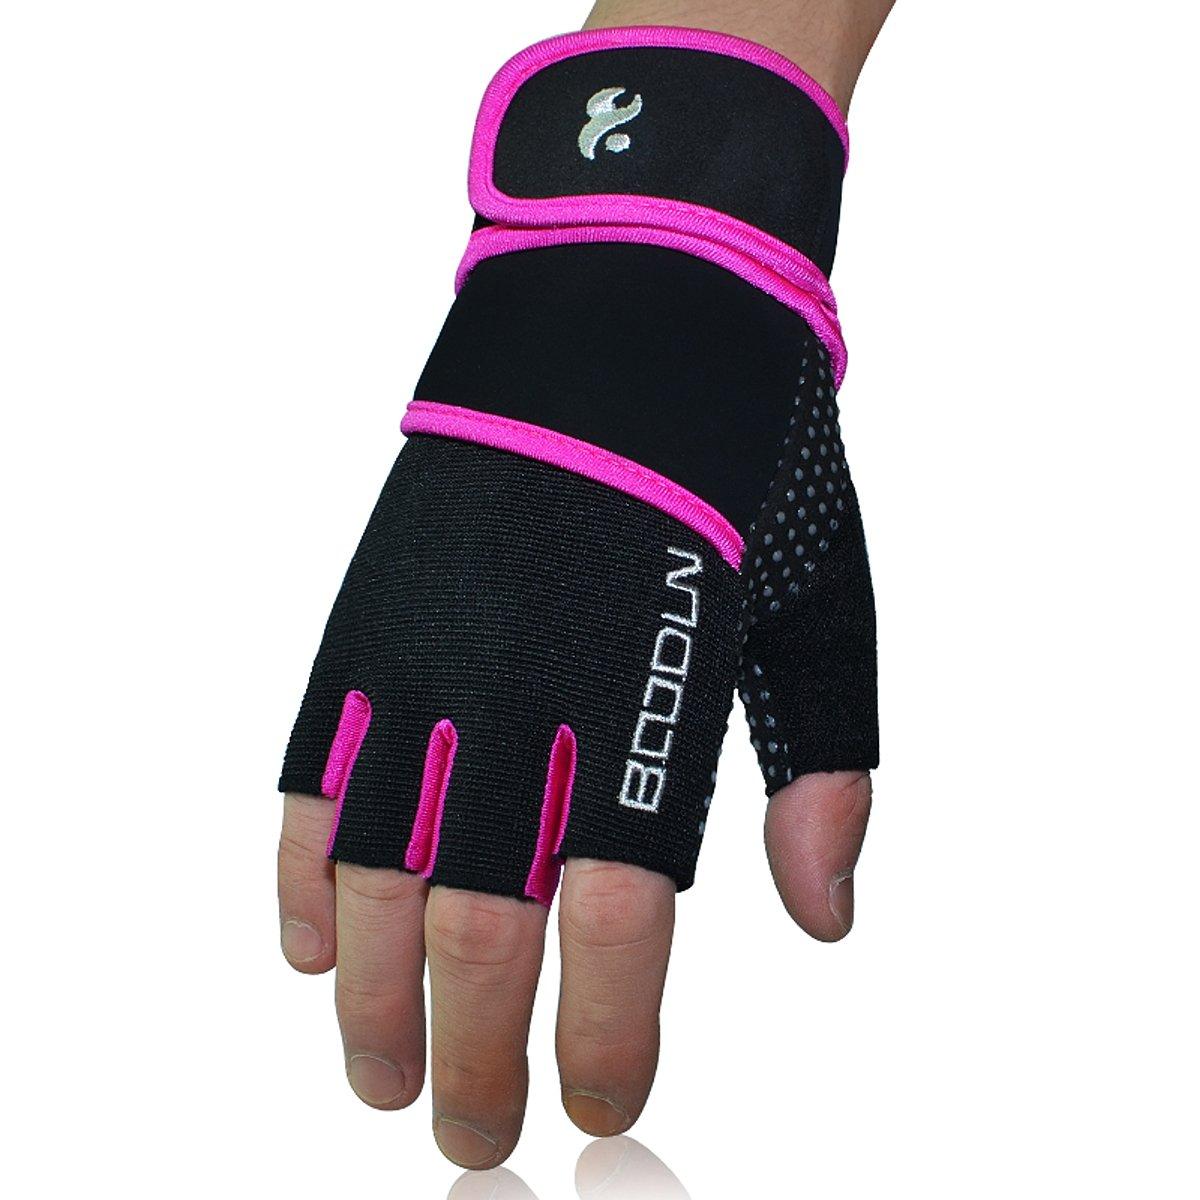 Guantes para levantar pesas para hombre y mujer de Kungken con palma de silicona antideslizante, proporciona apoyo para la práctica de gimnasia, ...